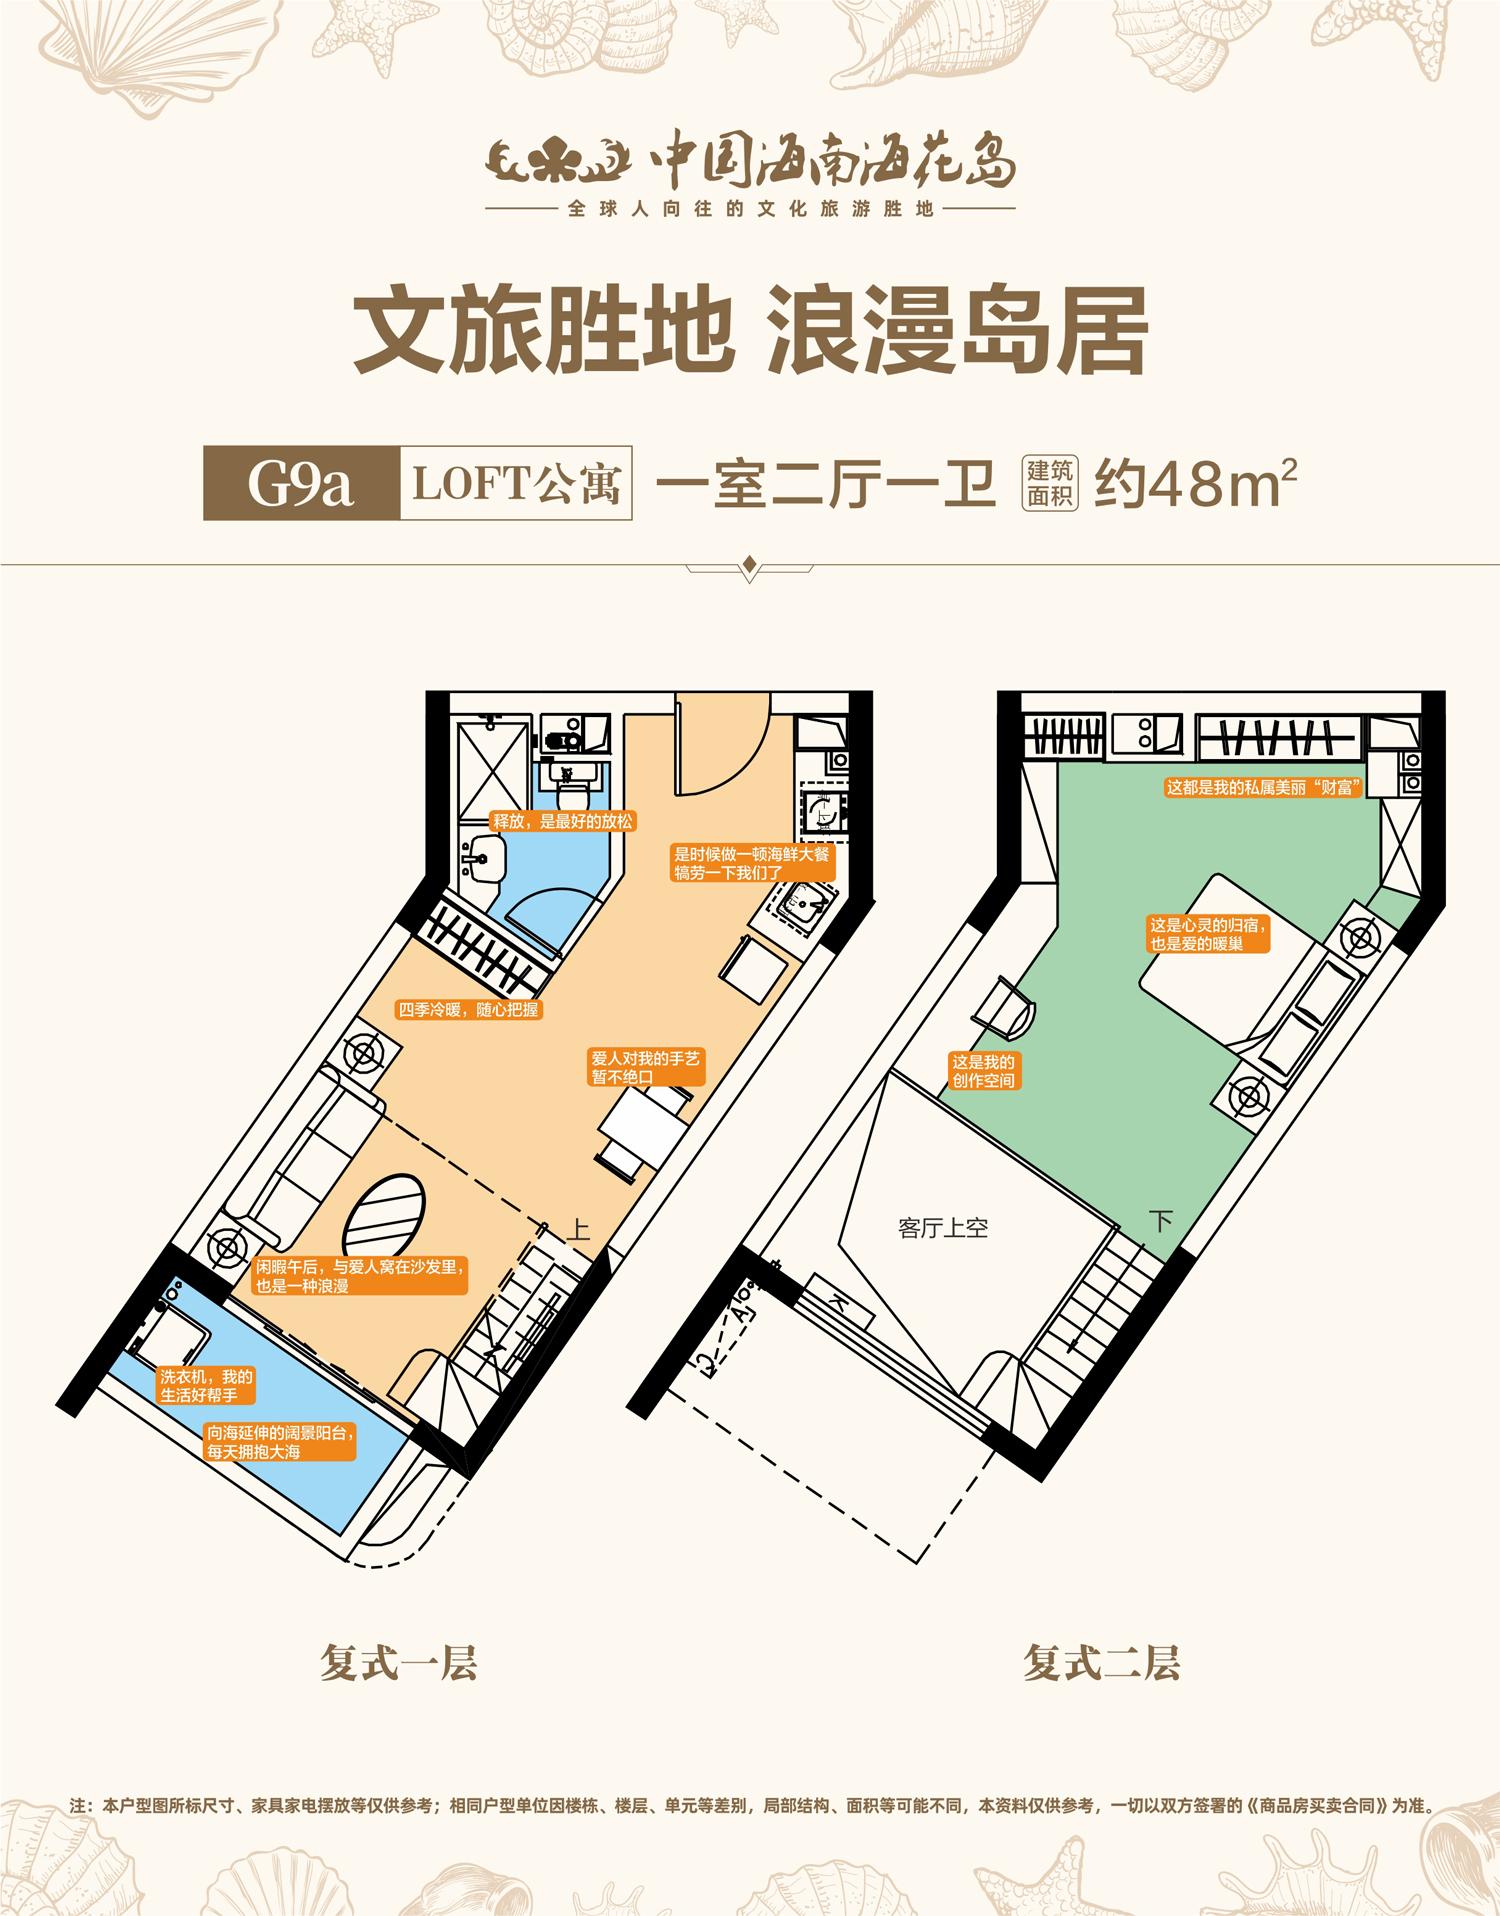 G9aLOFT公寓 1室2厅1卫 建面约48㎡